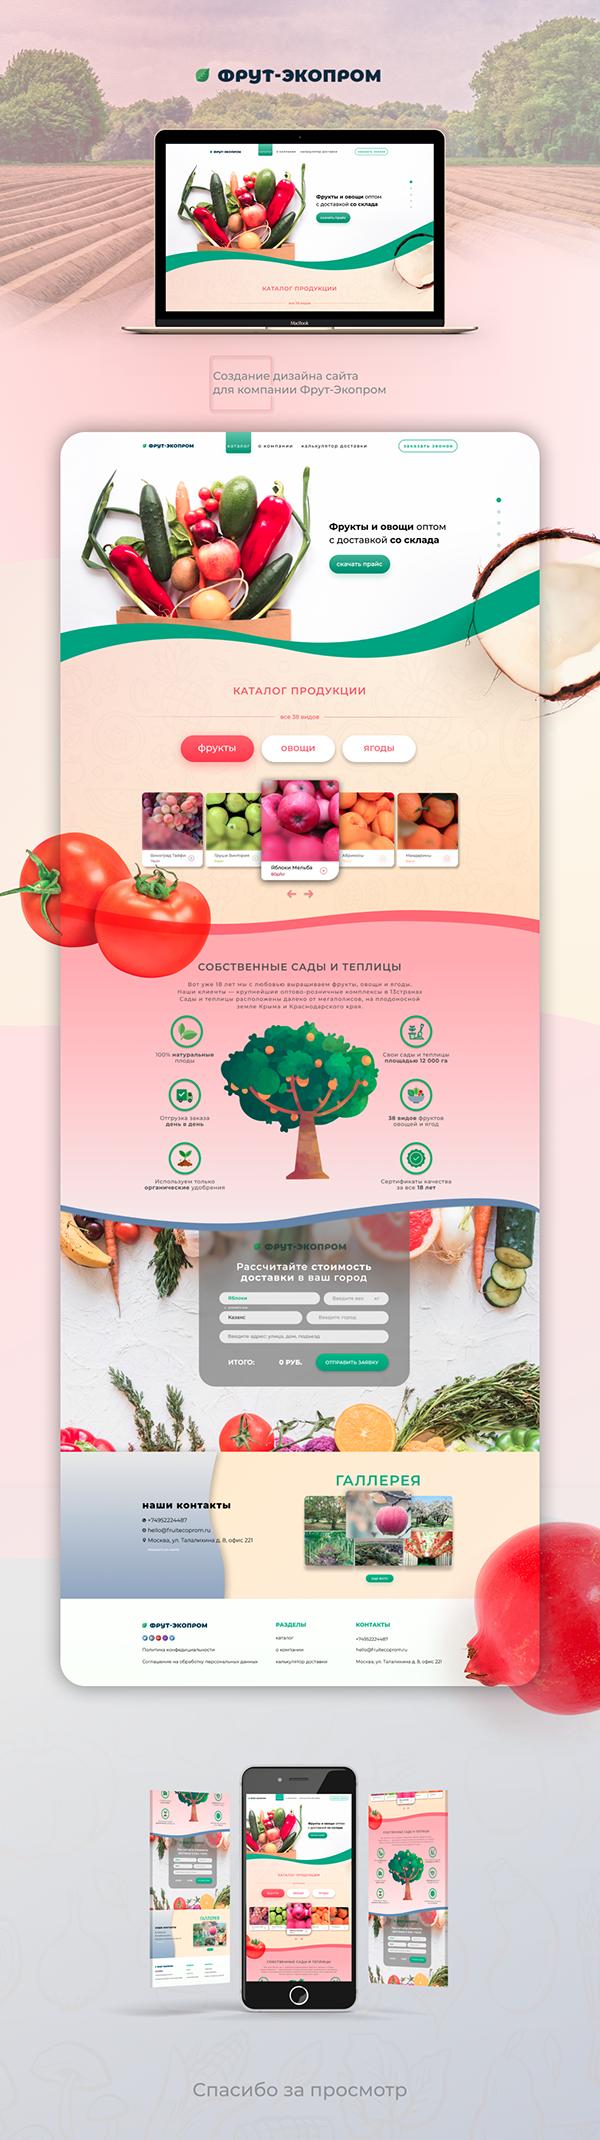 Создание дизайна сайта для агро компании Landing page